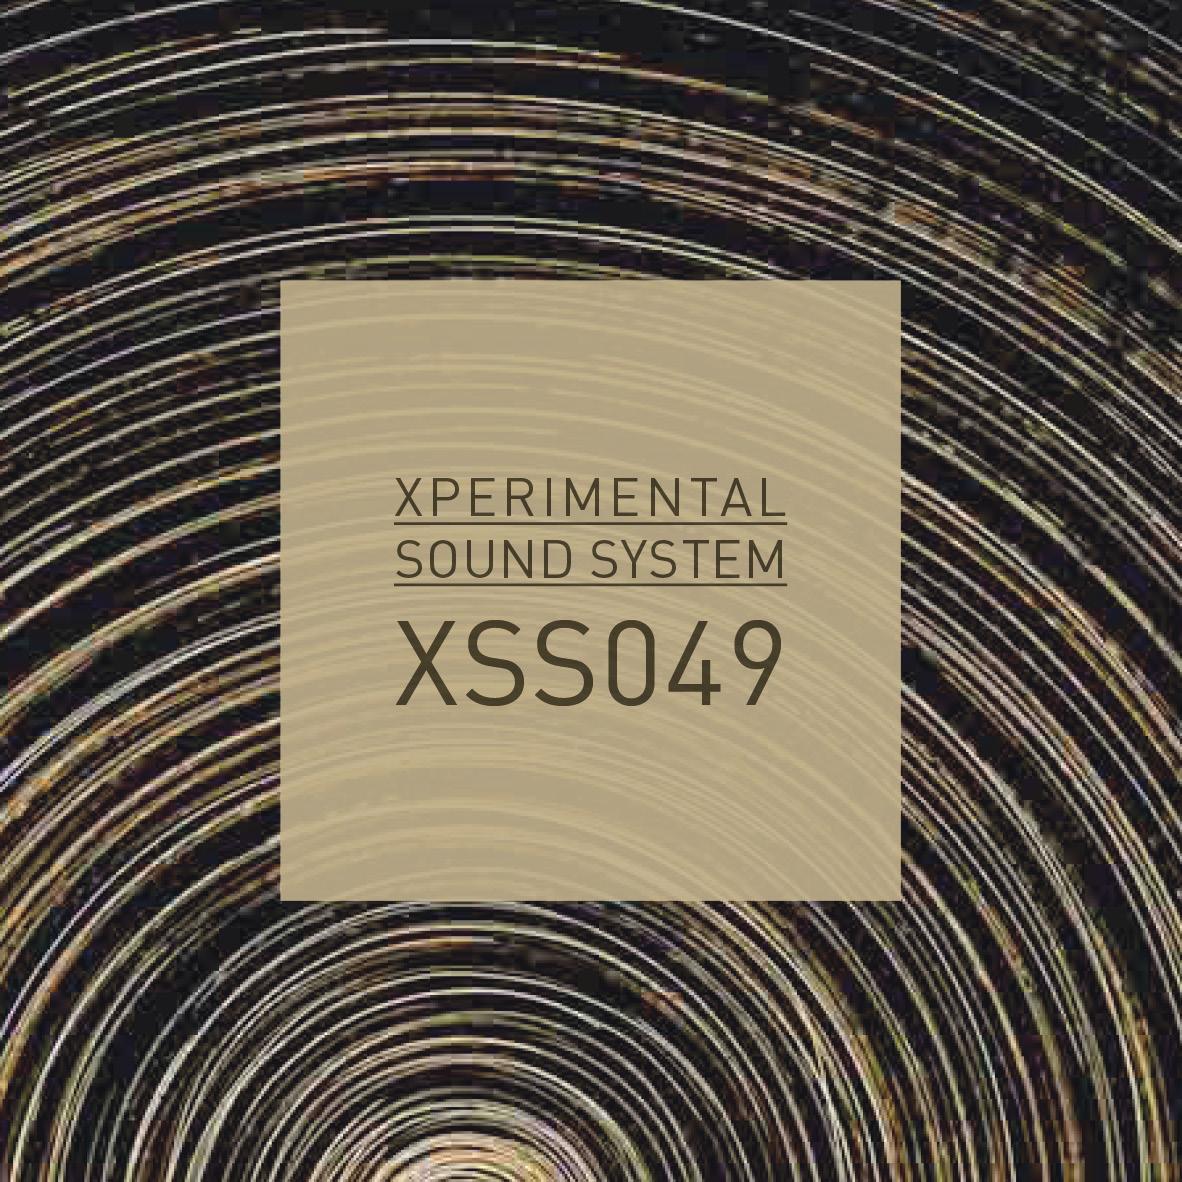 XSS049